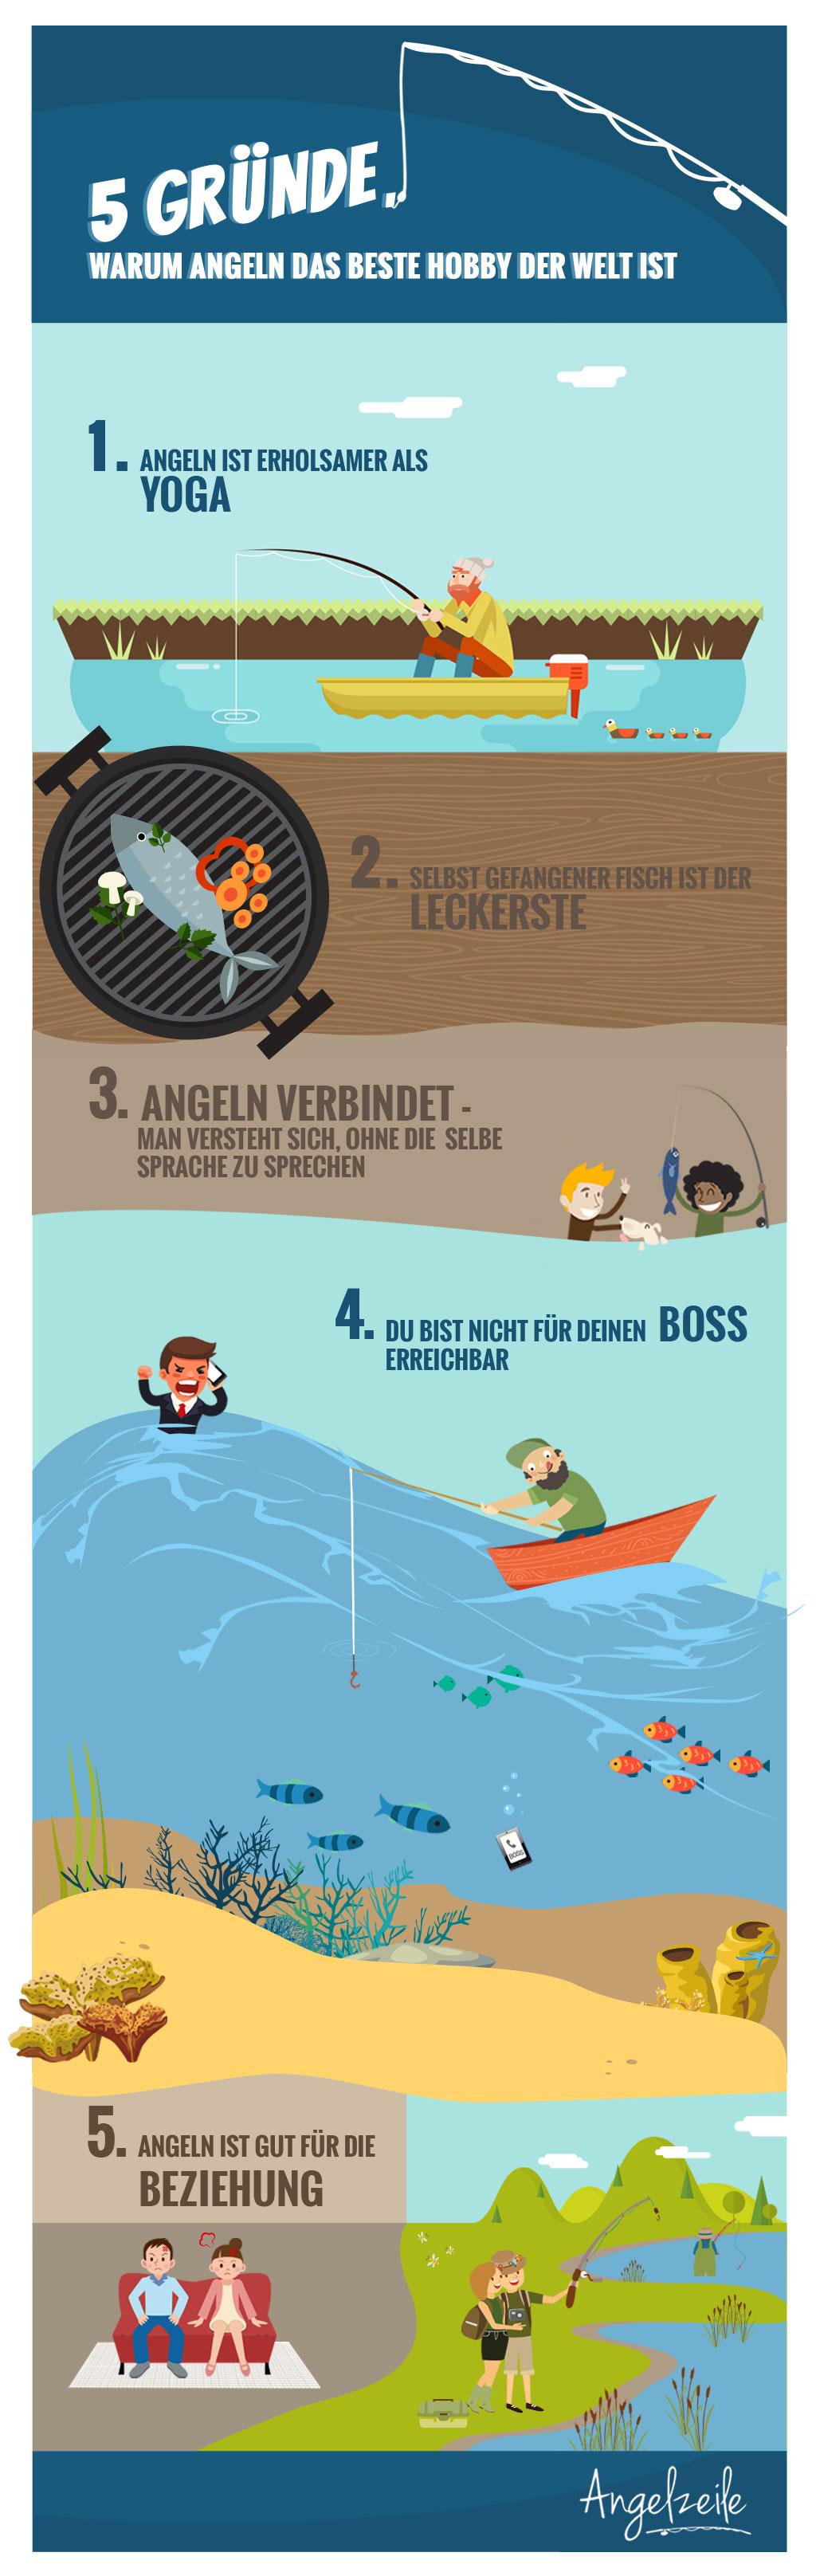 5 Gründe - Warum Angeln das beste Hobby der Welt ist